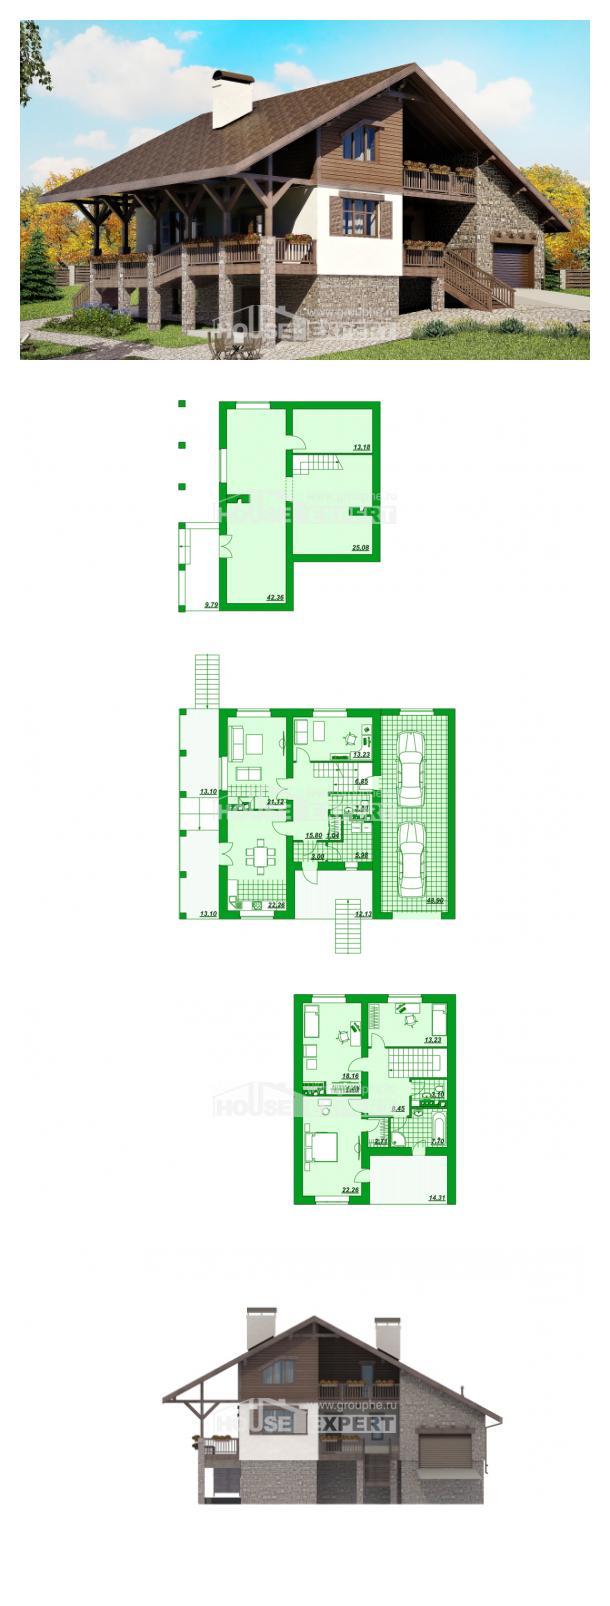 Plan 300-003-R | House Expert